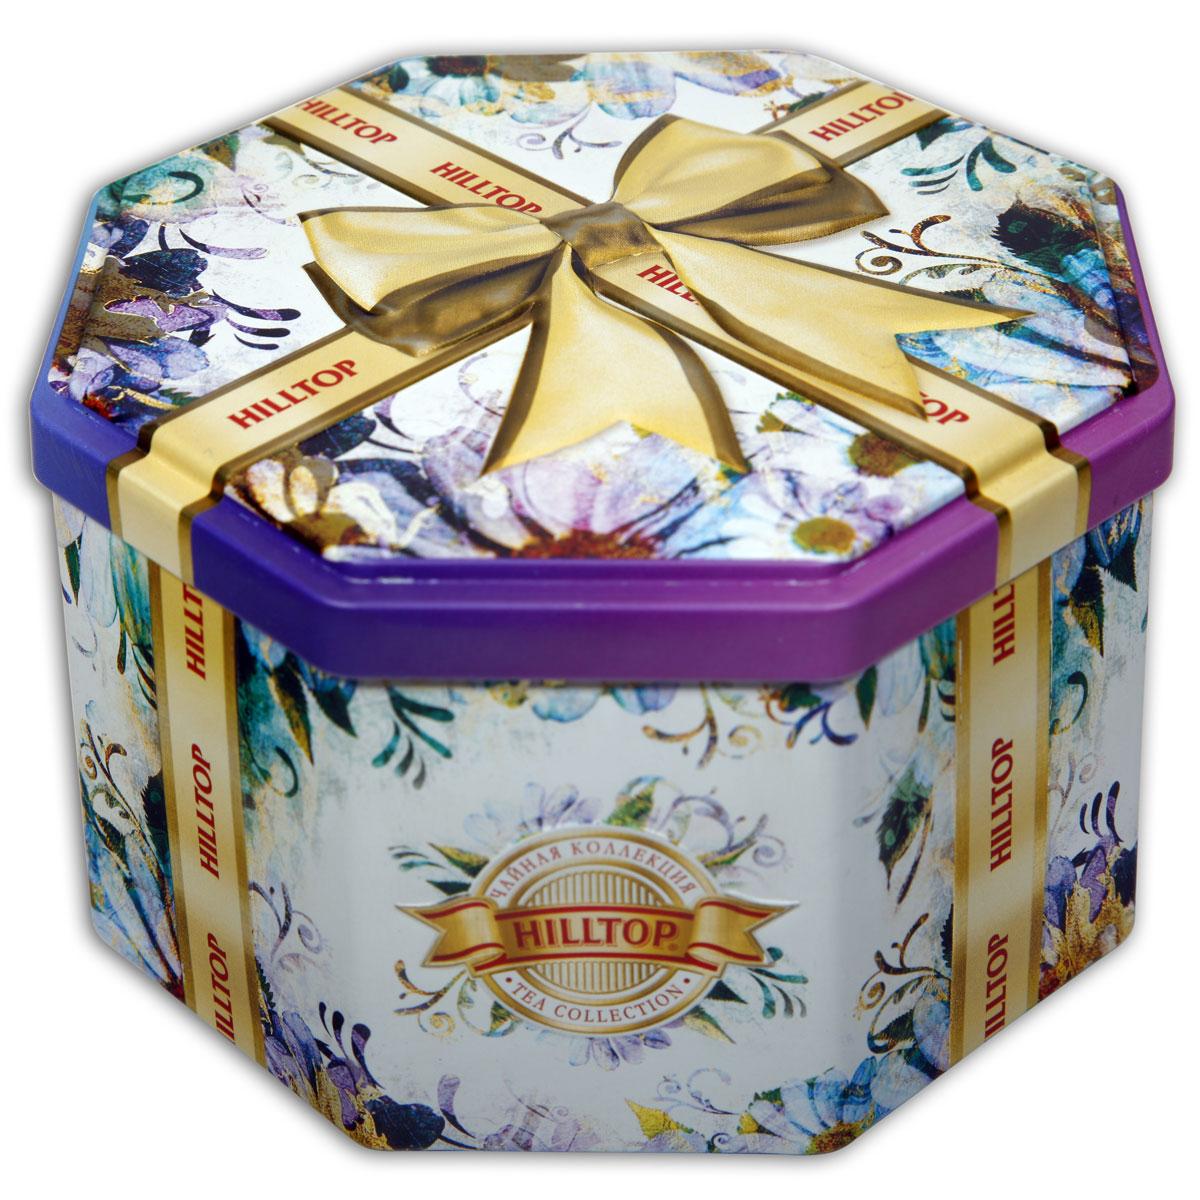 Hilltop Золотой бант ароматизированный листовой чай, 150 г0120710Крупнолистовой цейлонский черный чай Hilltop Золотой бант с листьями и тонизирующим ароматом чабреца